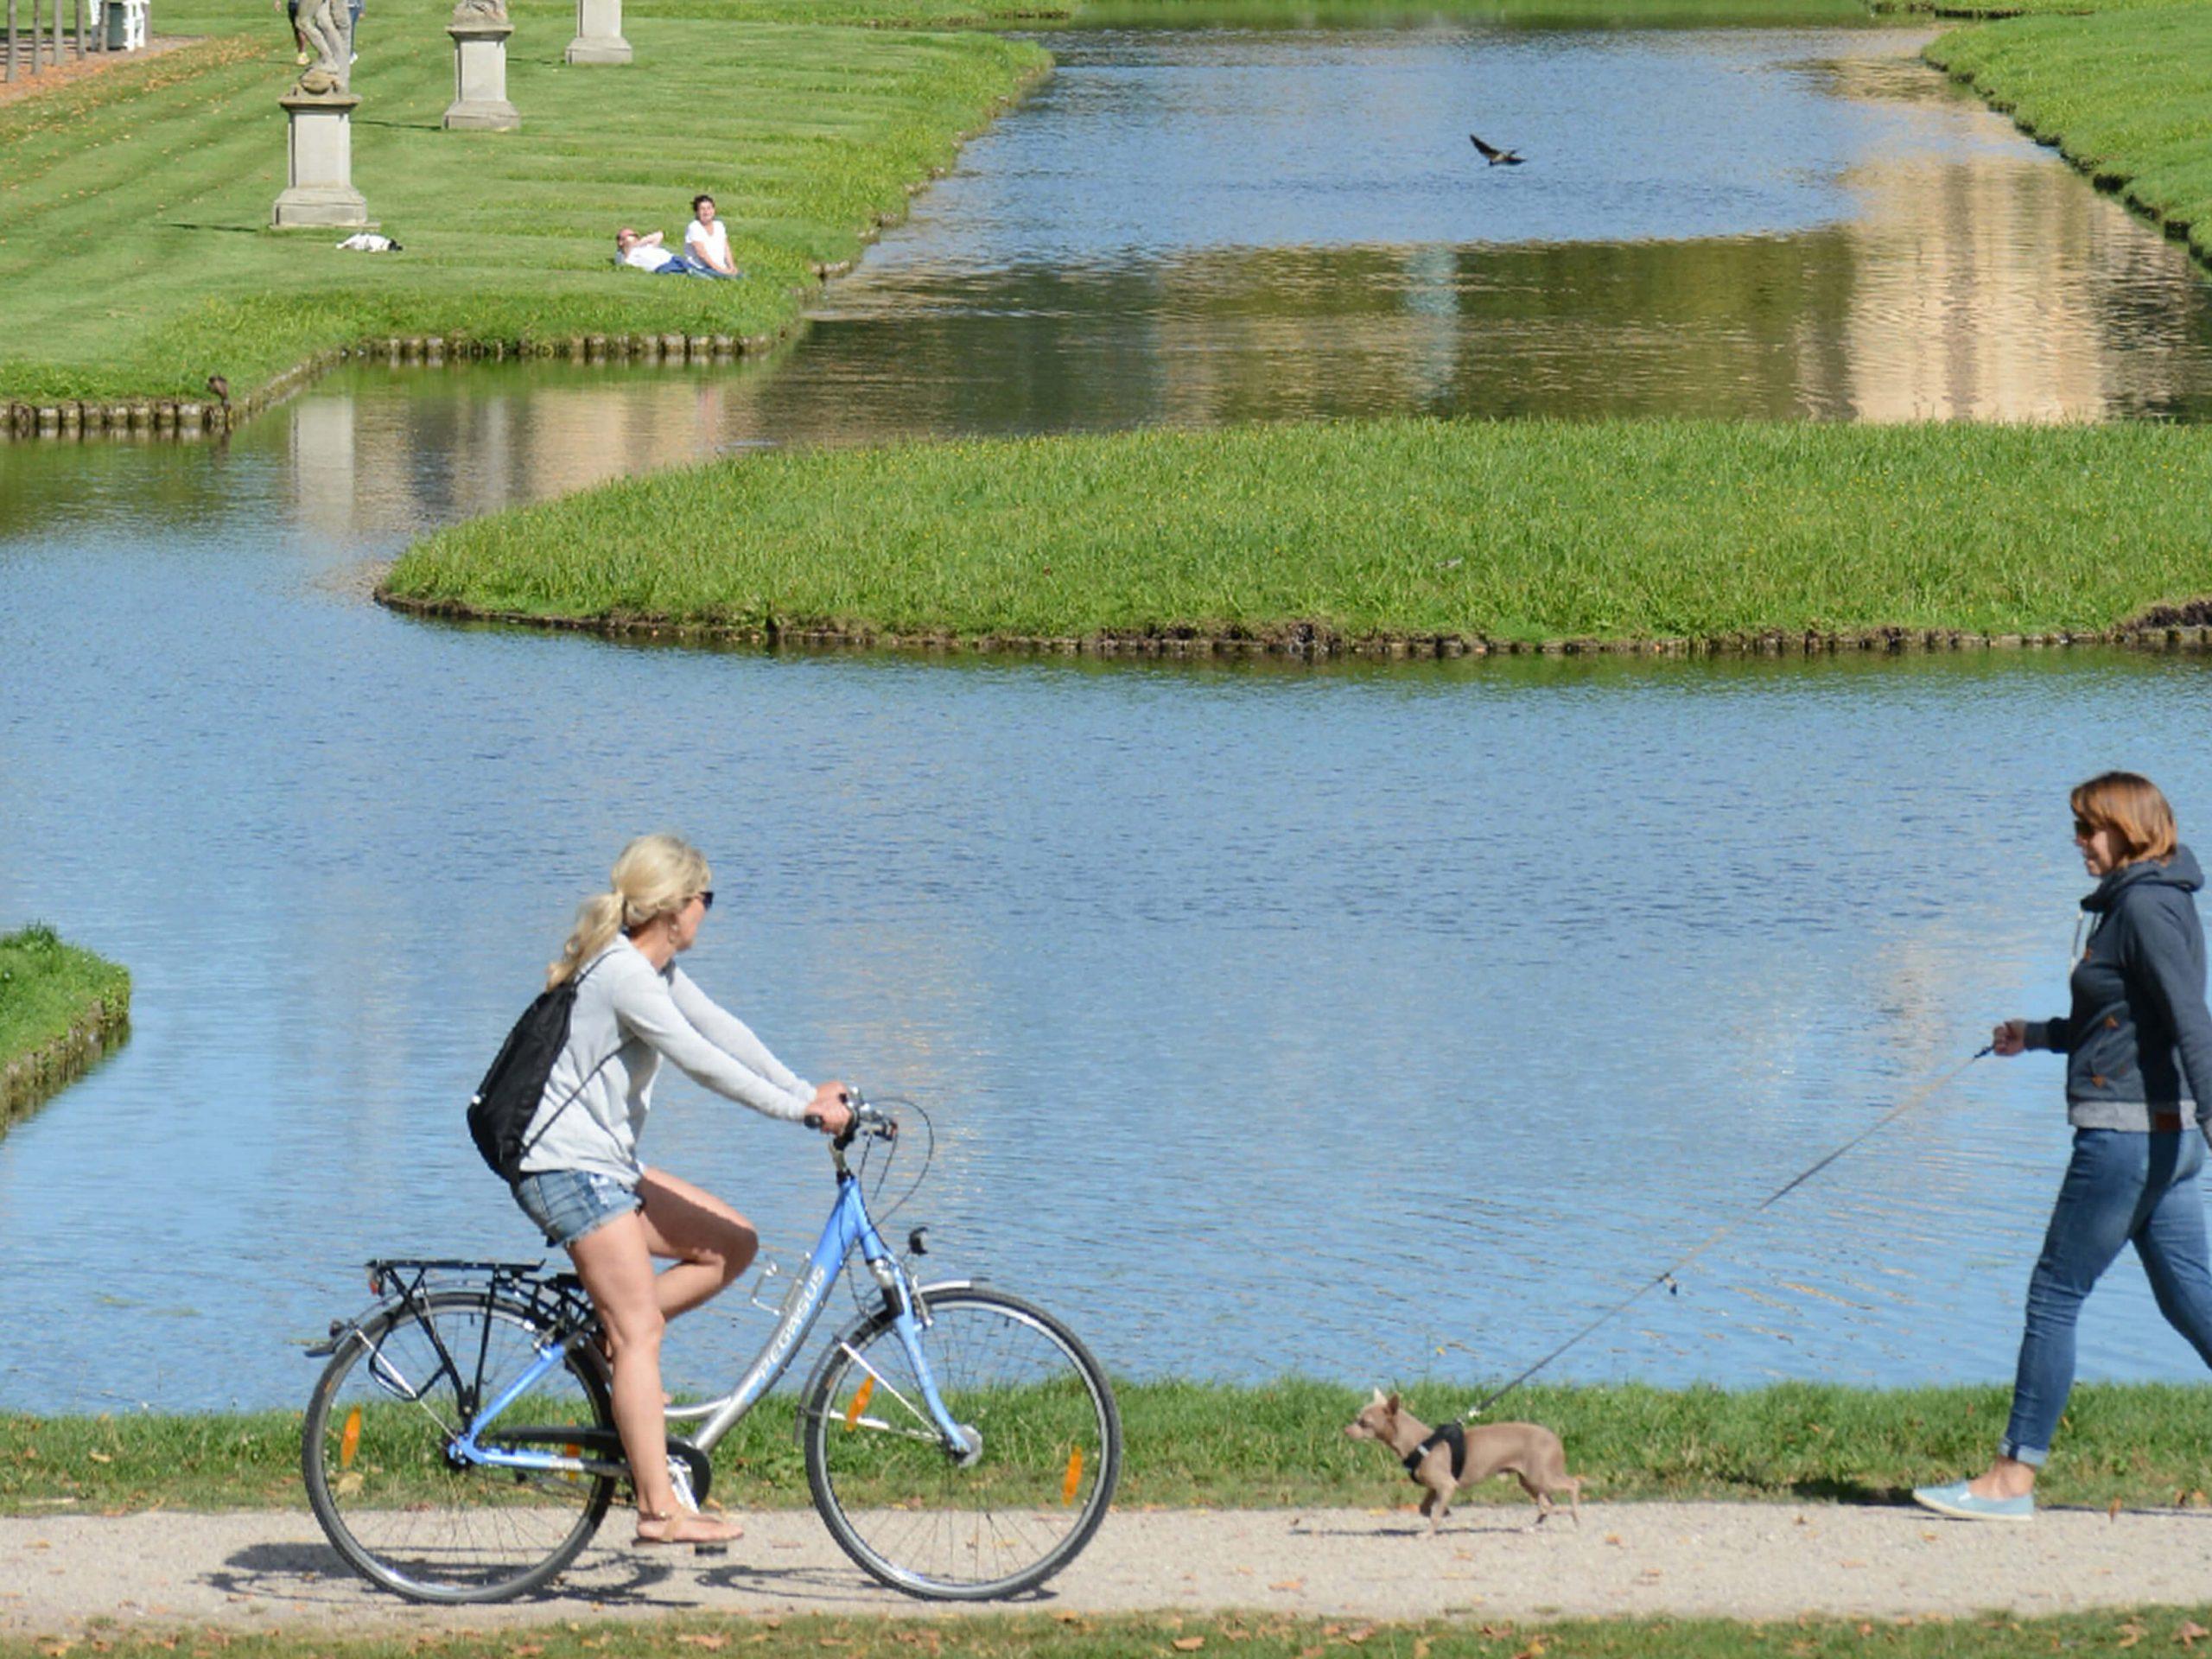 Unsere BHF-Laufgruppe nutzt den Schlosspark und nimmt gerne an Jedermann-Rennen teil. Foto: BHF.